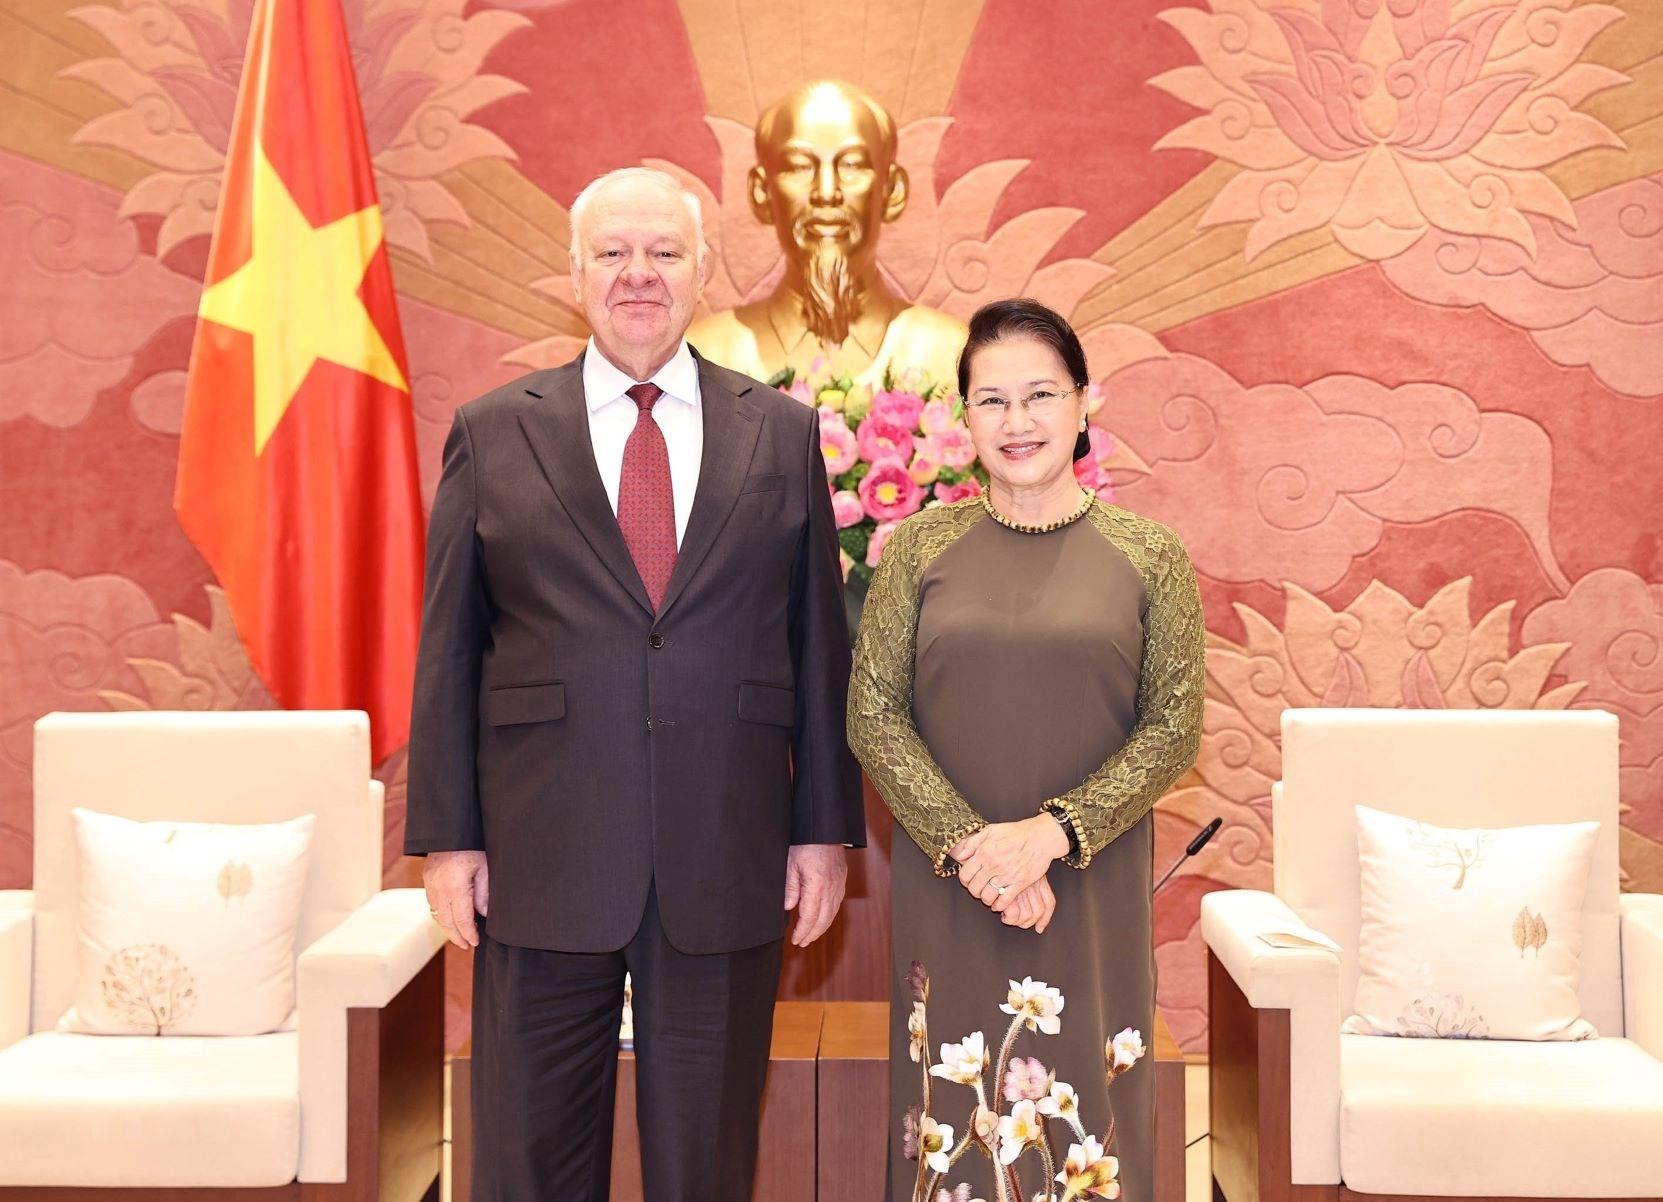 Chủ tịch Quốc hội Nguyễn Thị Kim Ngân tiếp Đại sứ Liên bang Nga